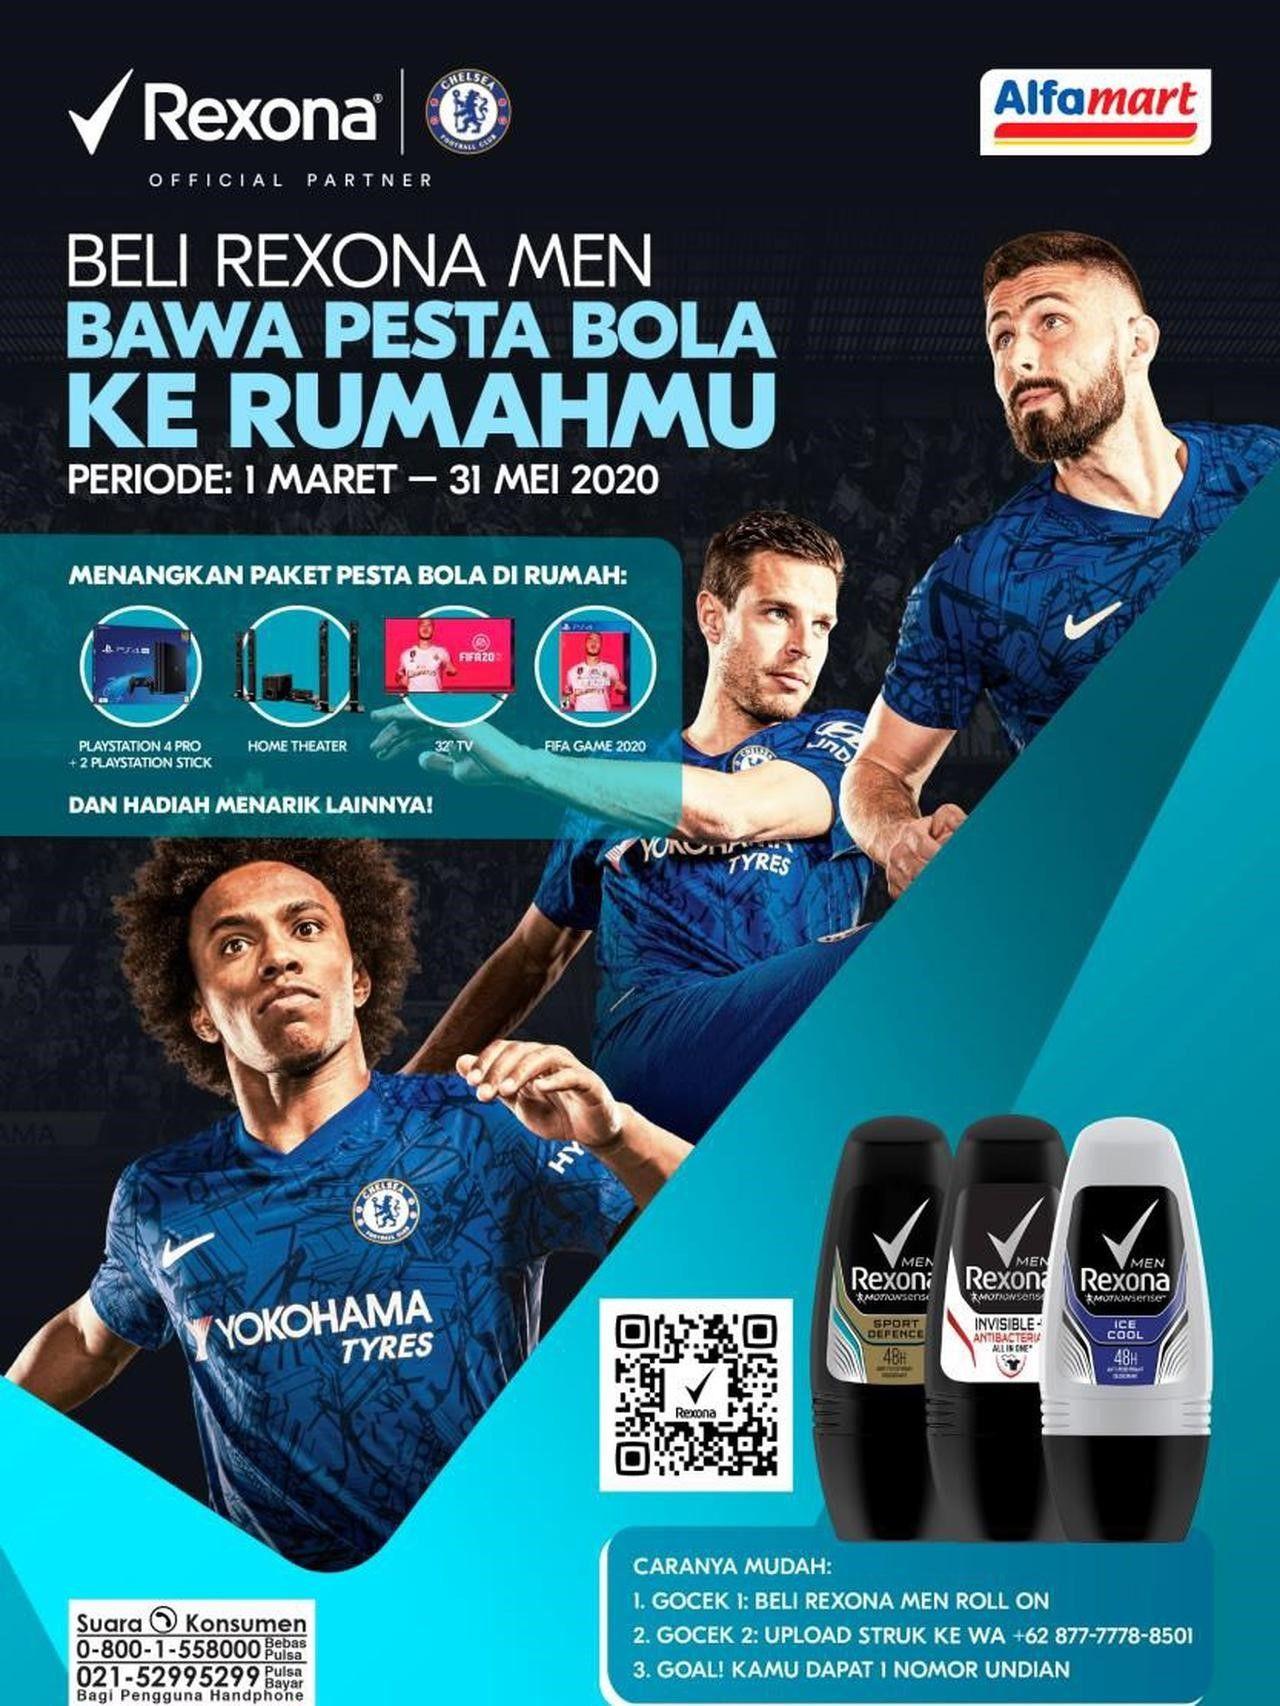 Rexona Men Soccer Stars Challenge